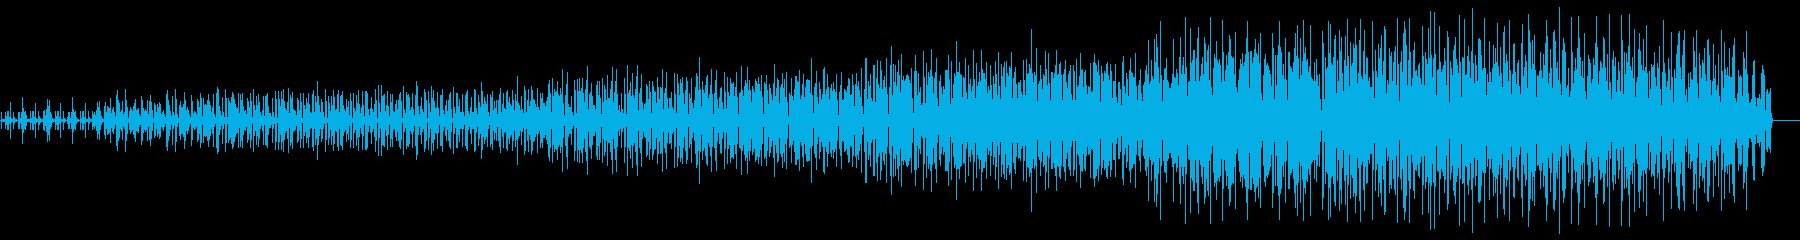 劇伴 緊張感のあるミニマルテクノの再生済みの波形